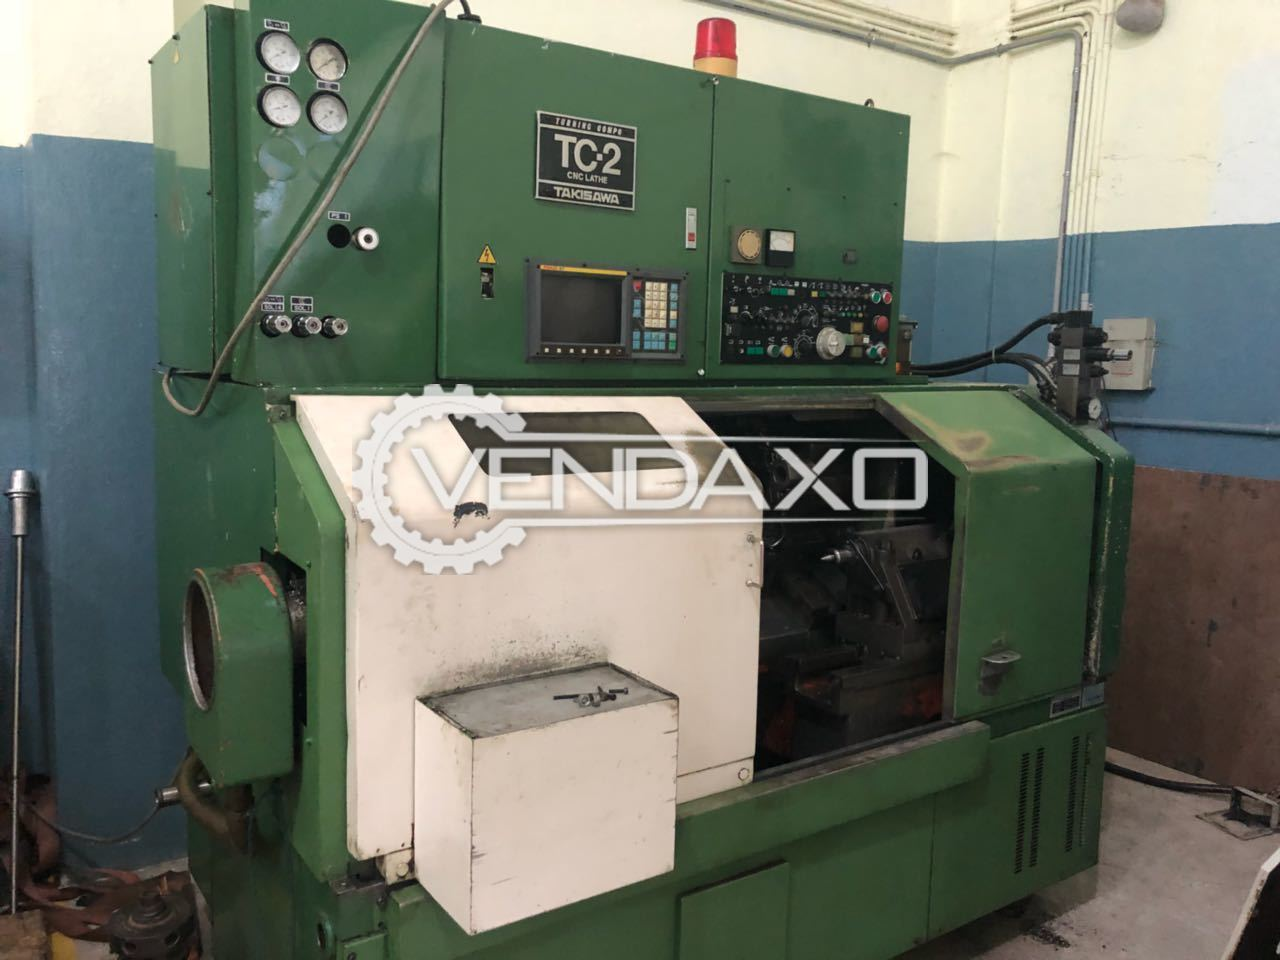 Takisawa tc2 cnc lathe machine